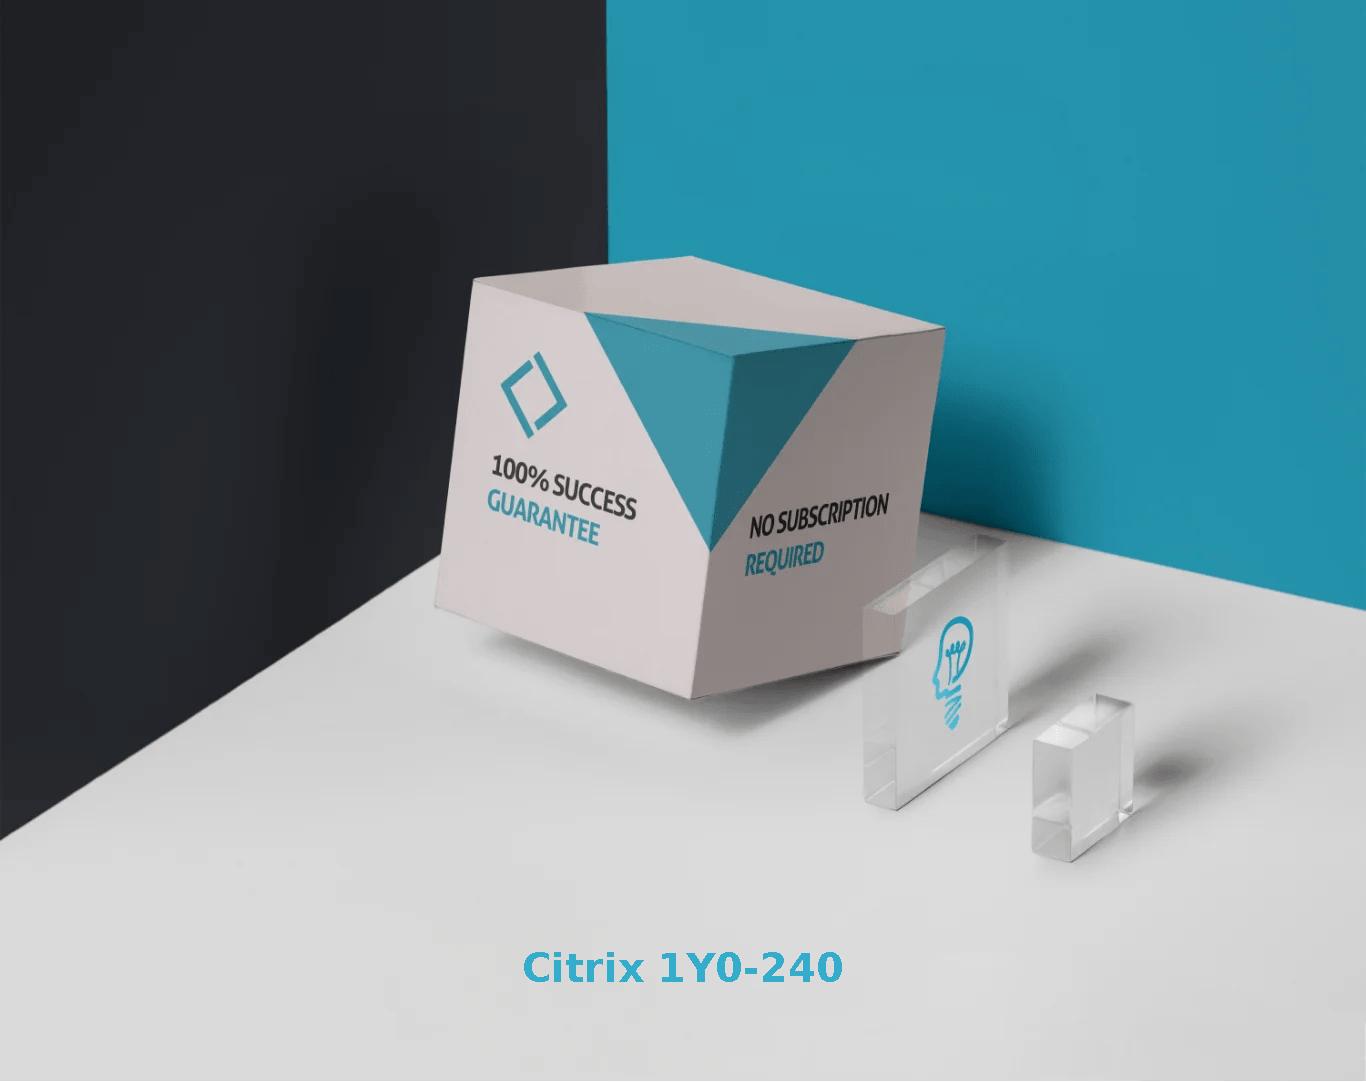 Citrix 1Y0-240 Exams